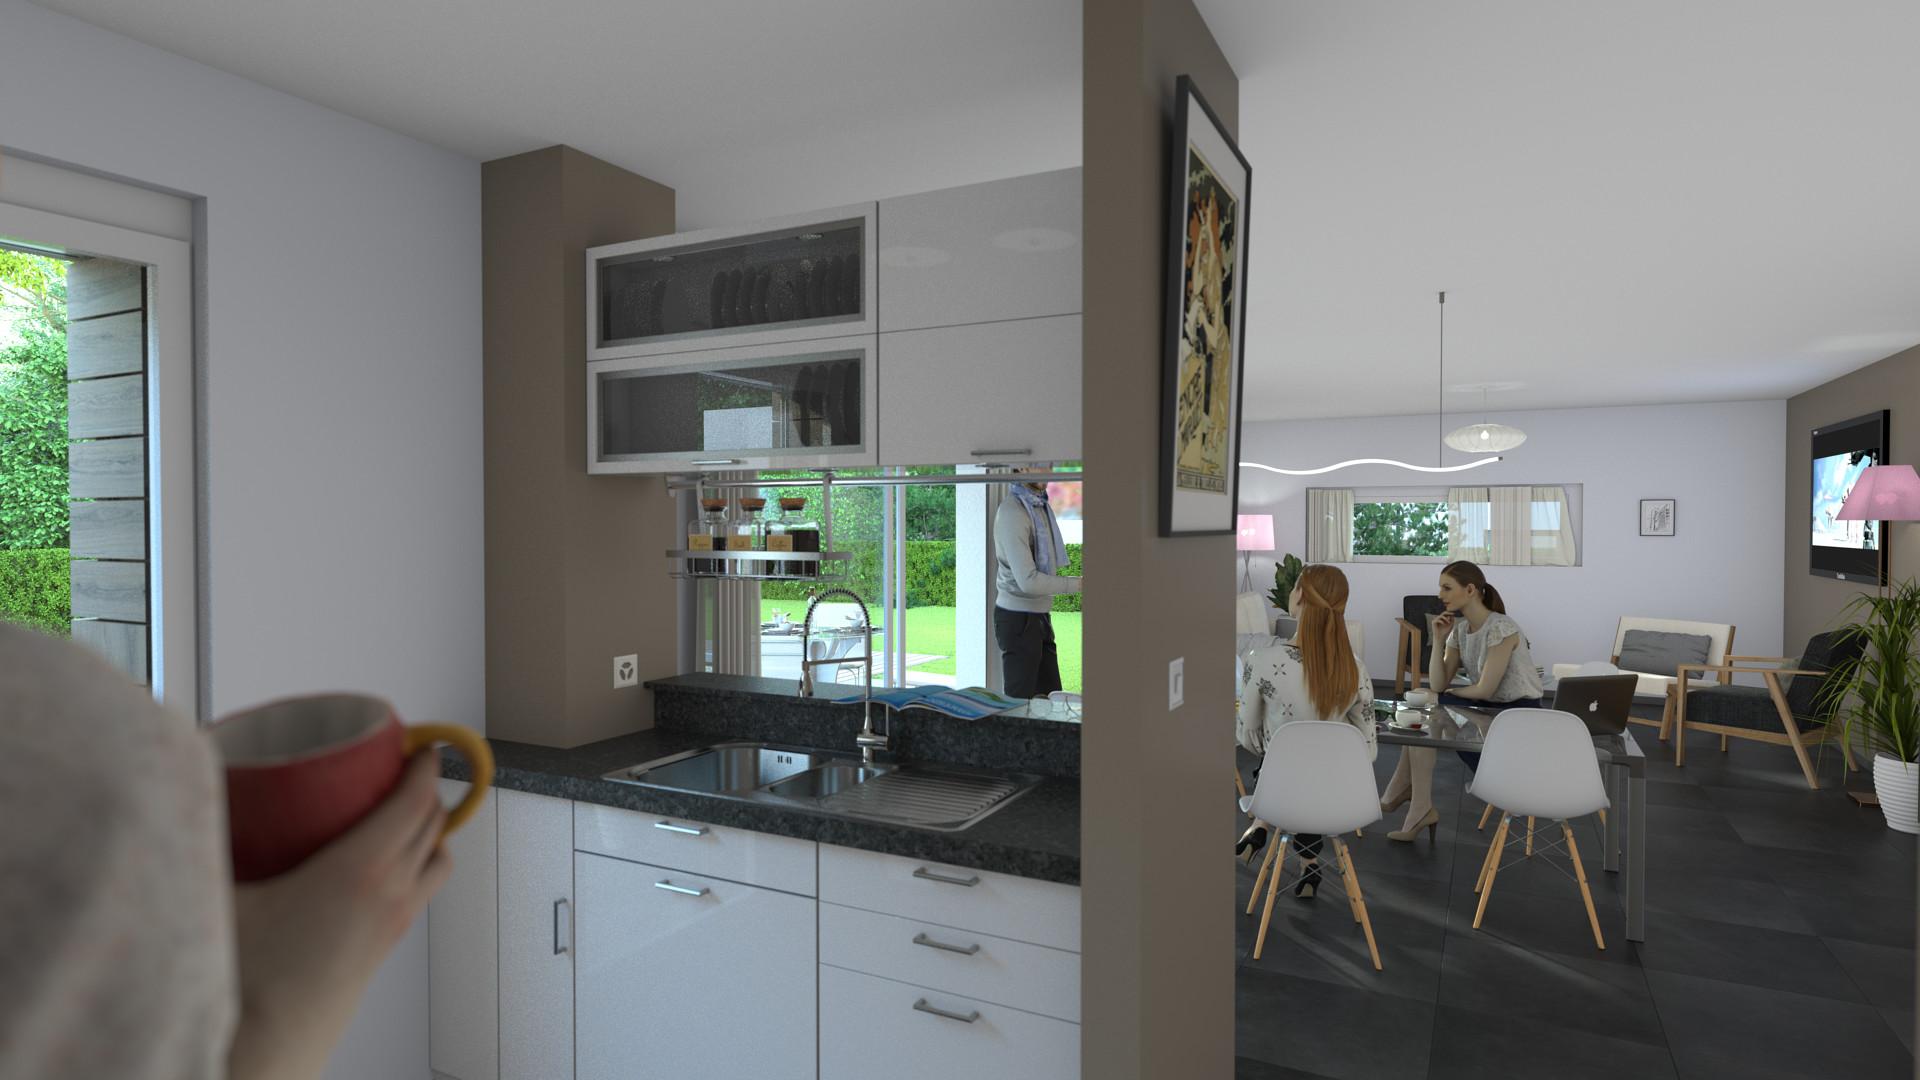 Duane kemp house model test 2 scene 7 kitchen living rm 2pt ao